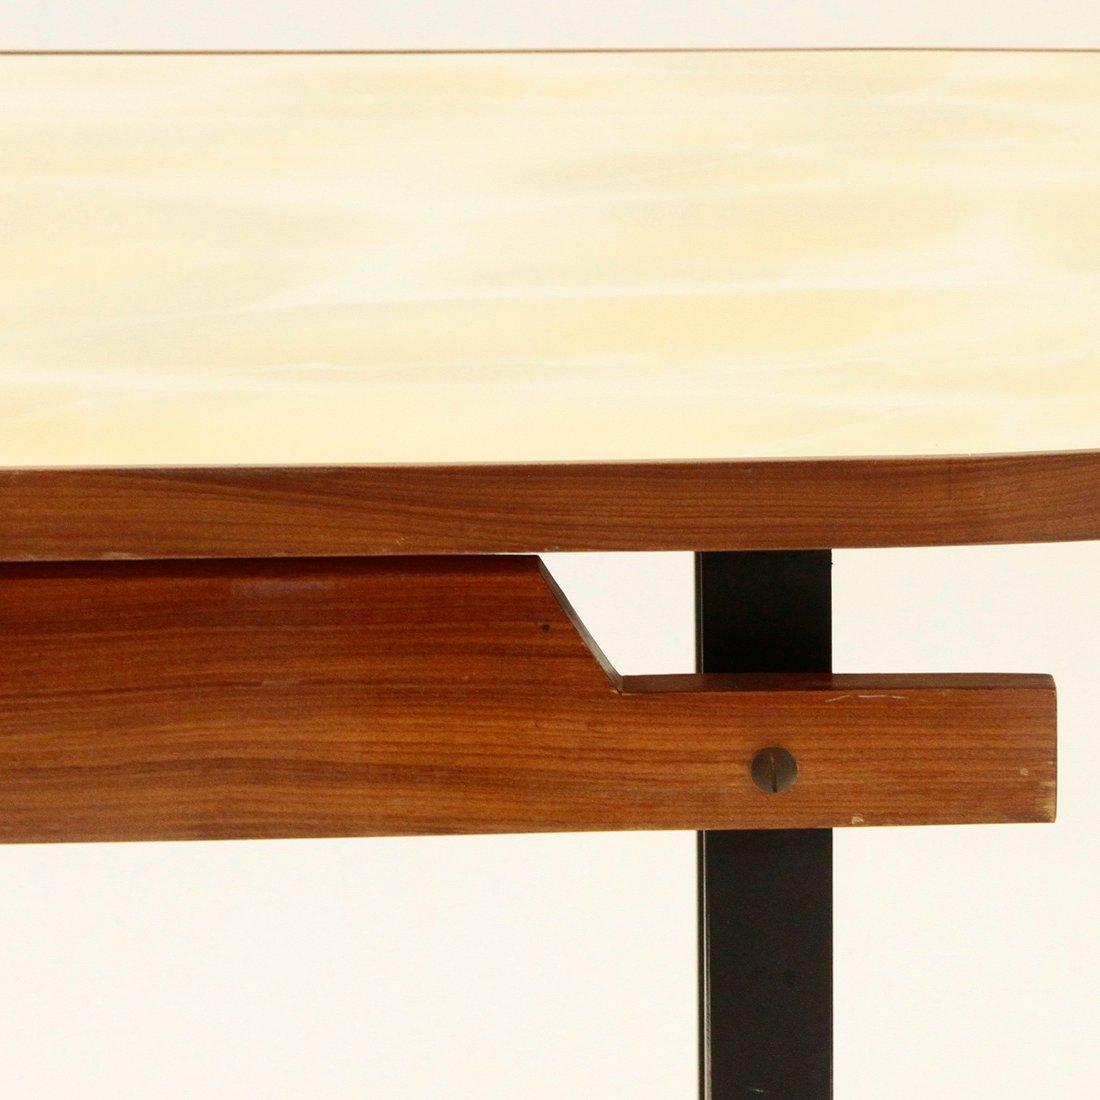 Italienischer esstisch mit gelber tischplatte aus glas - Esstisch aus glas ...